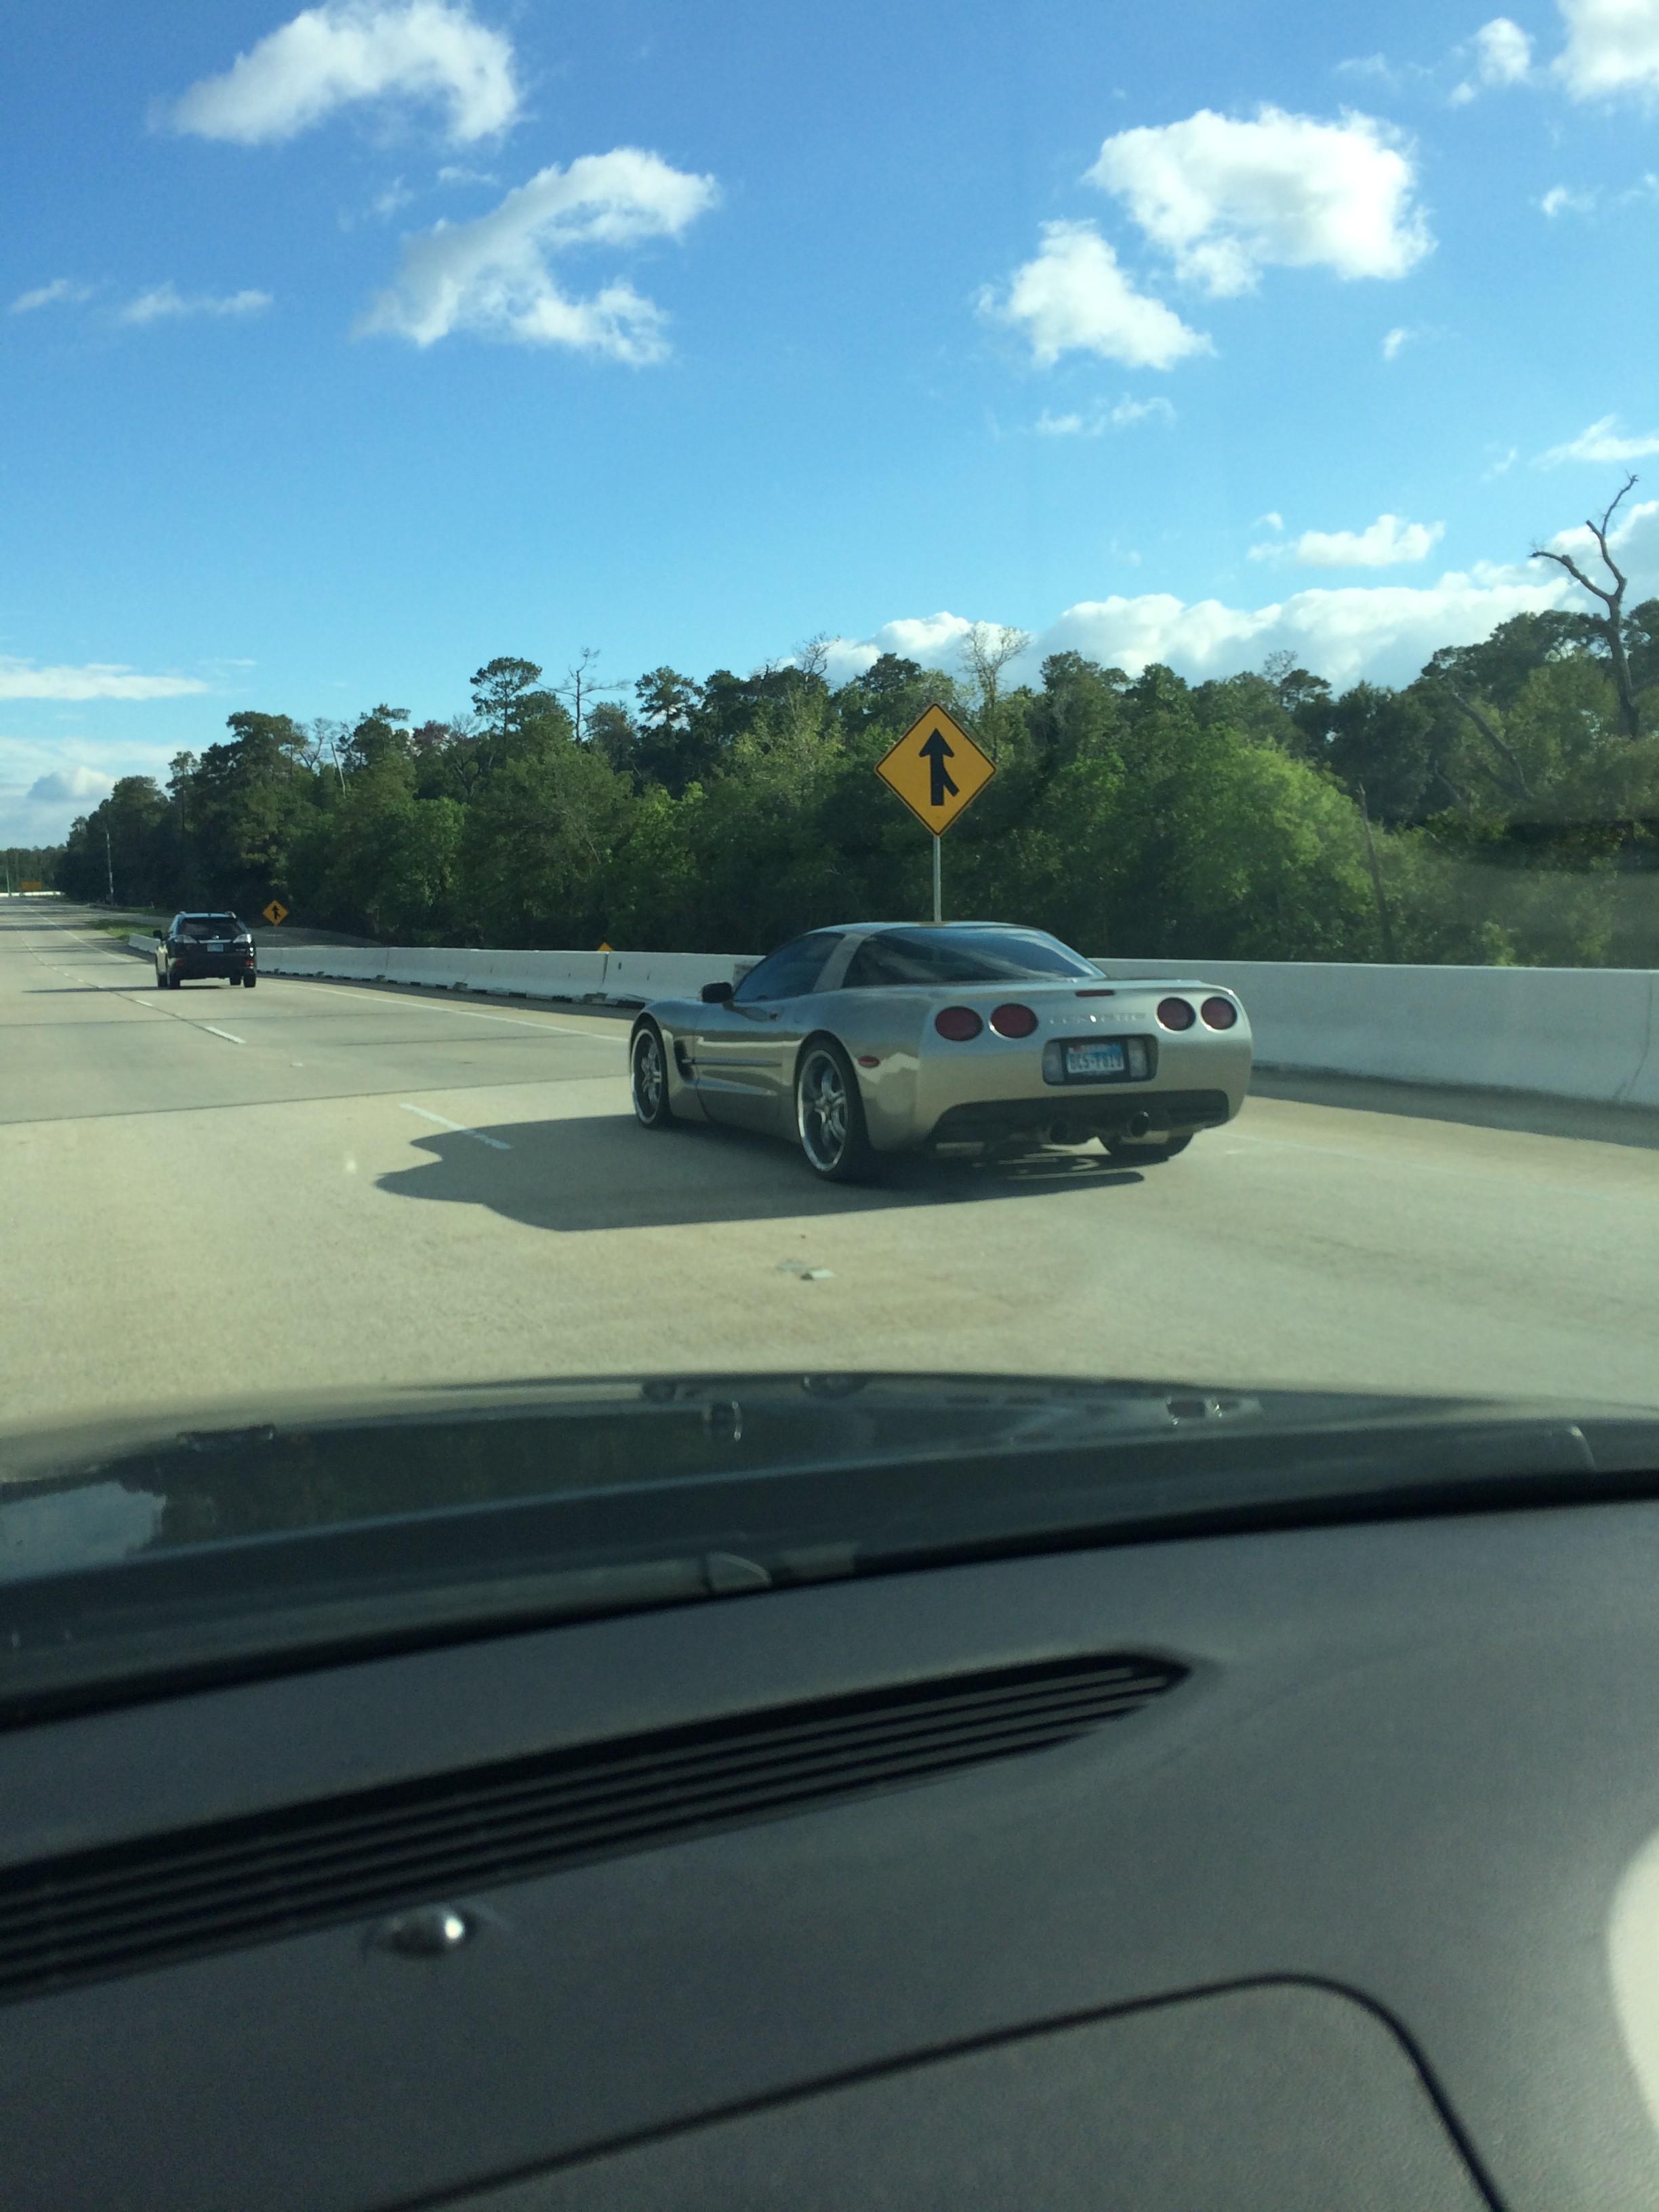 Foto tirada do carro com o iPhone 5s